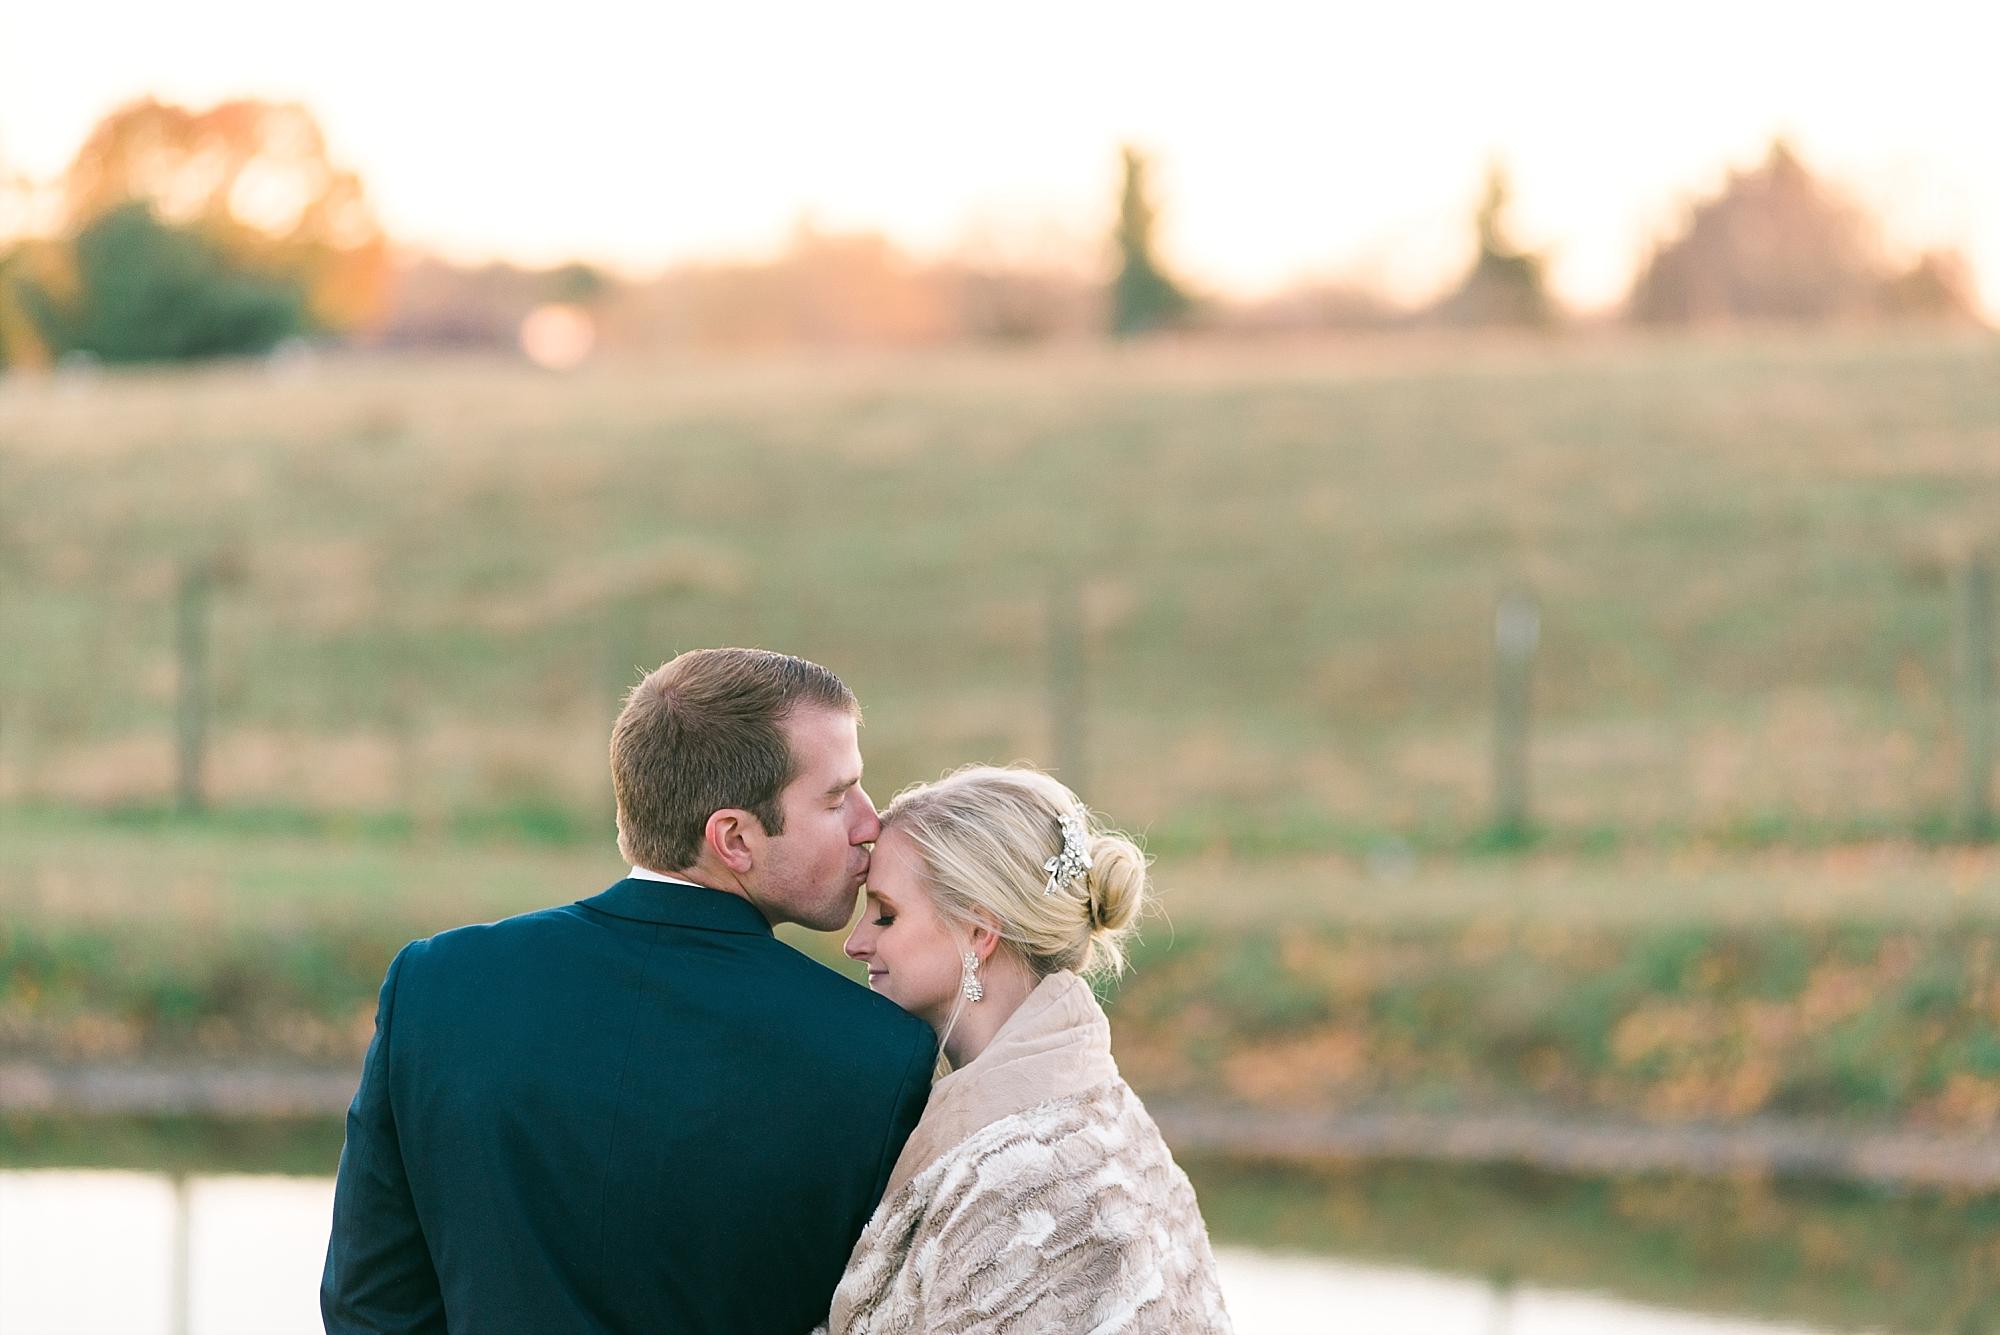 wintery-wedding-photos